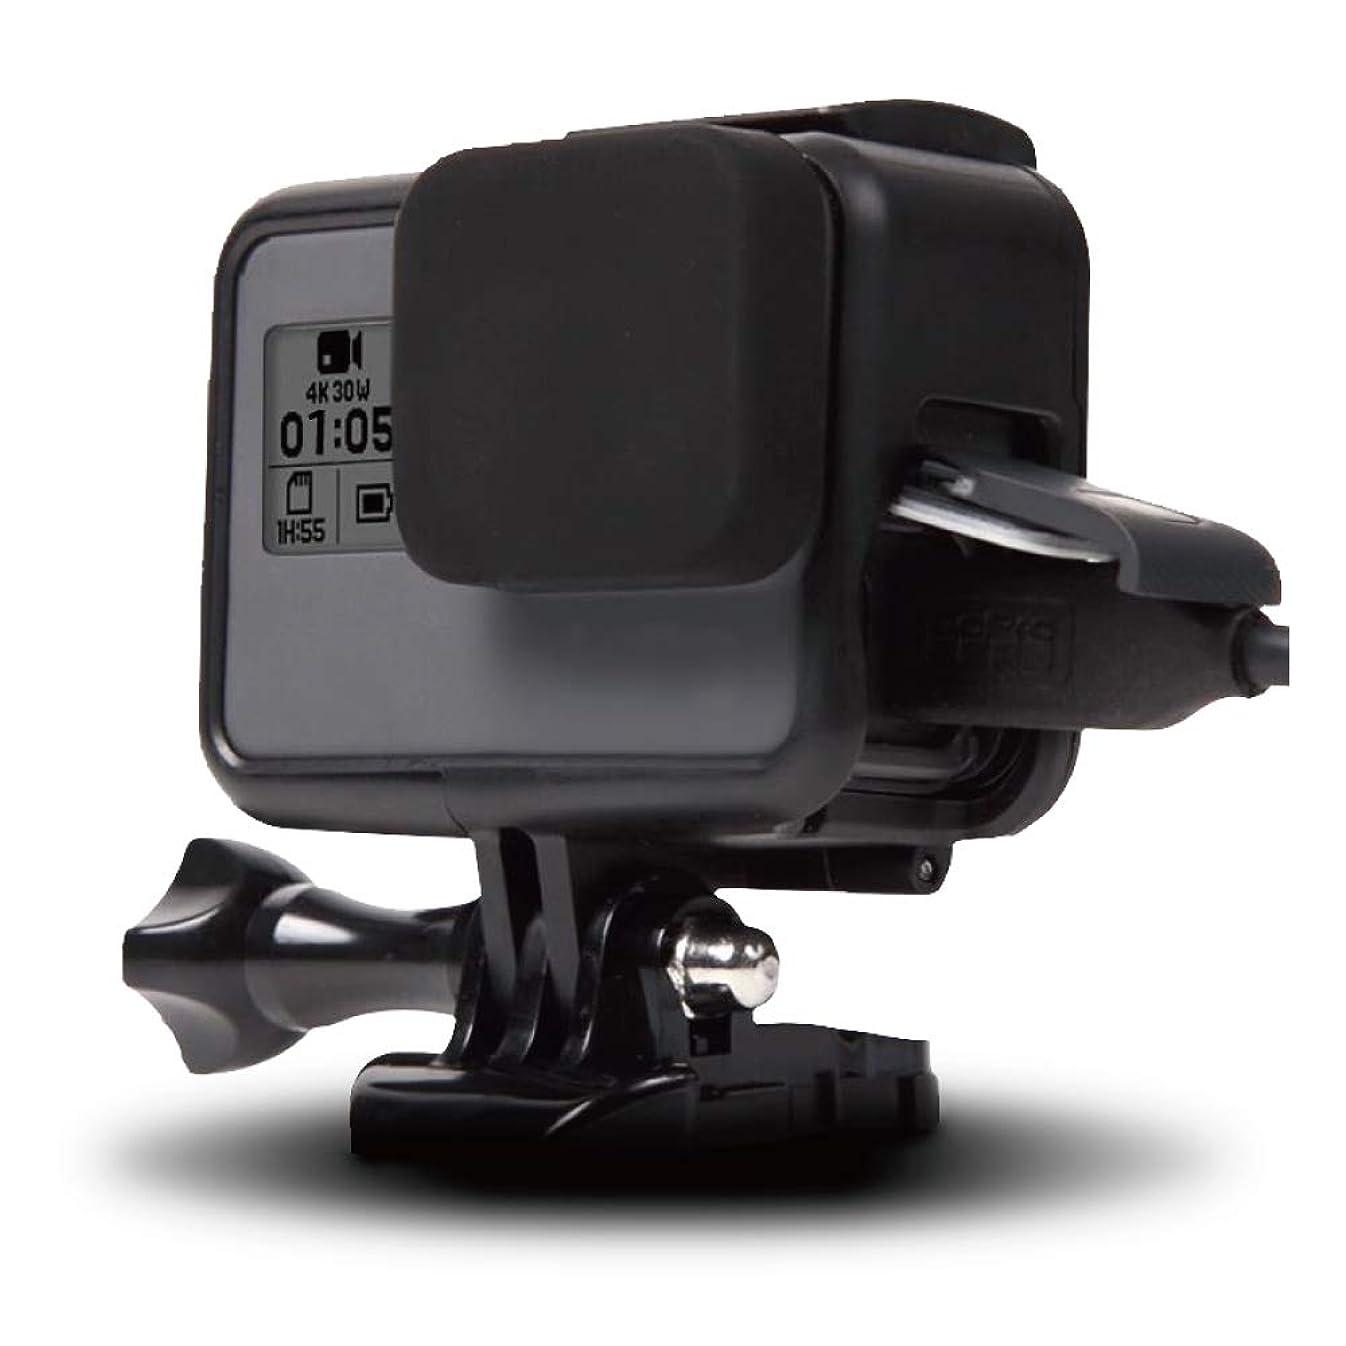 愛情深い爆弾コロニー【ActyGo】GoPro hero7 Black hero6 hero5 用 フレーム ケース + シリコンレンズカバー 装着したまま充電が可能 365日保証